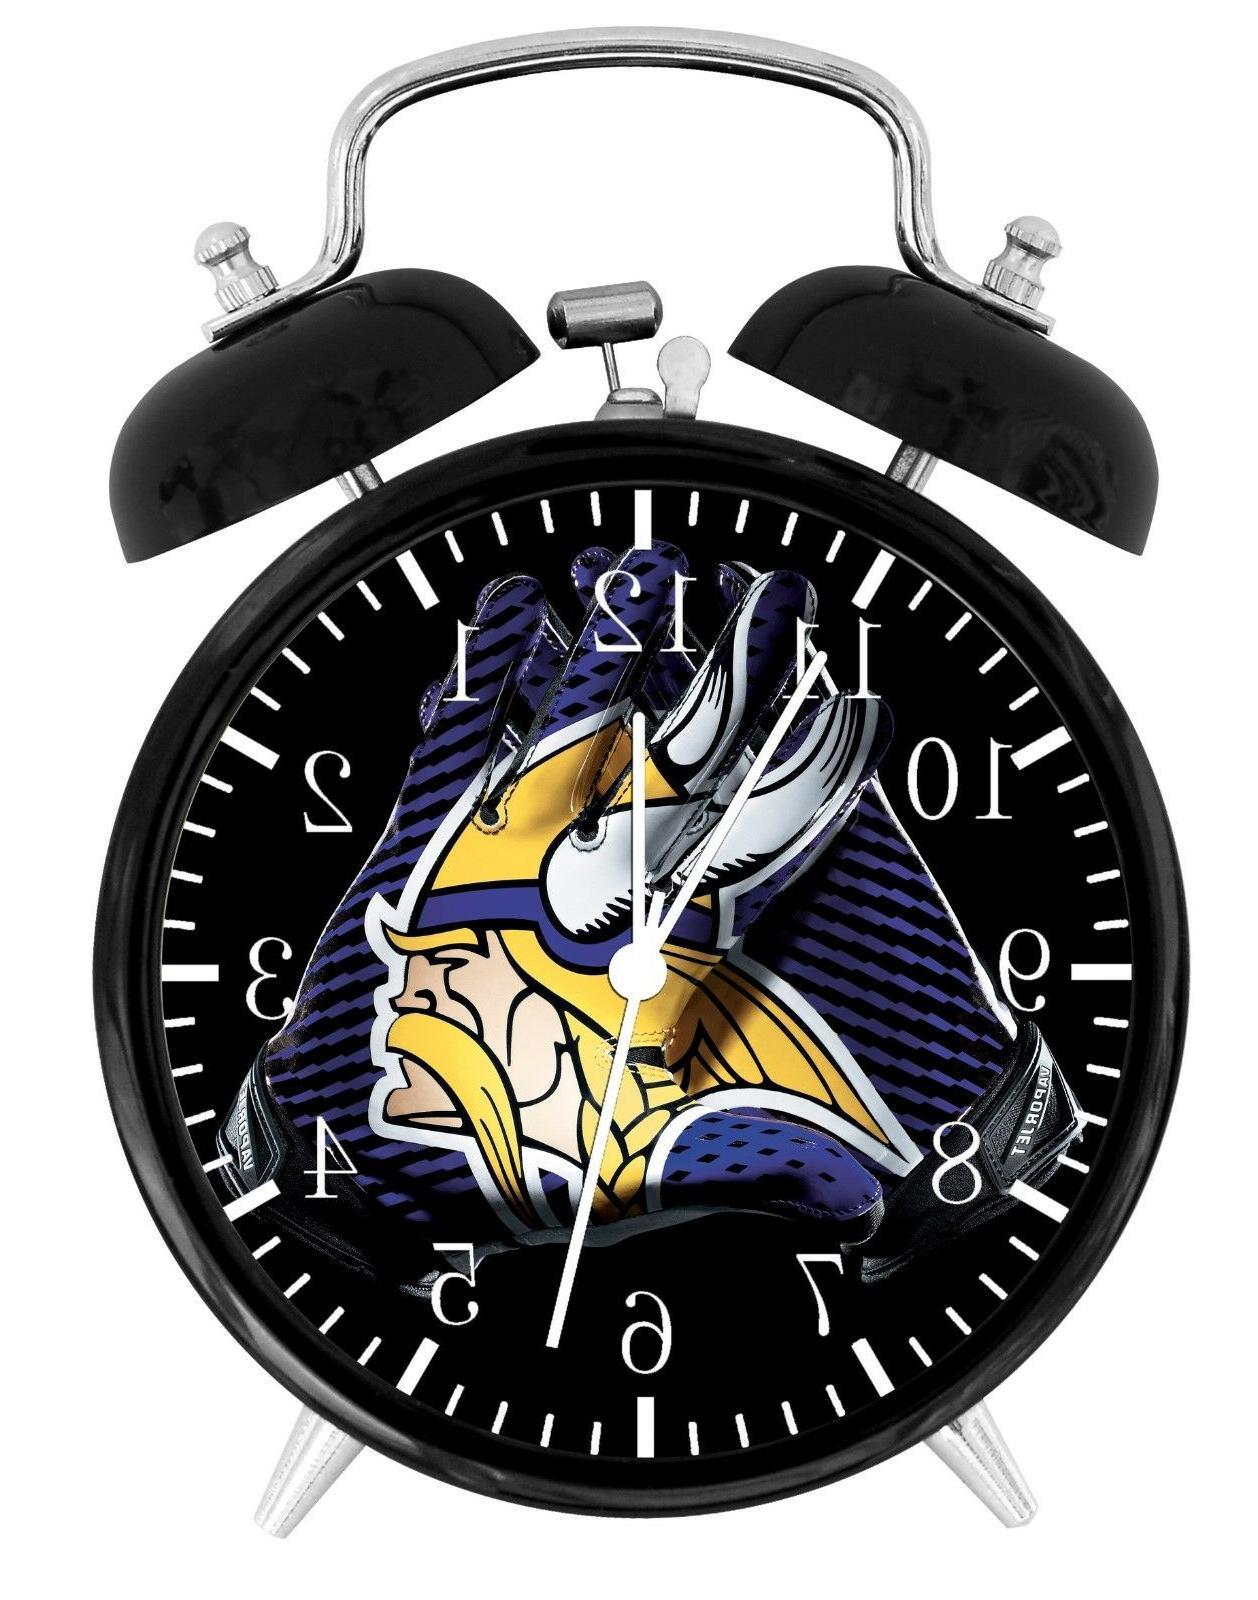 minnesota vikings football nfl alarm desk clock